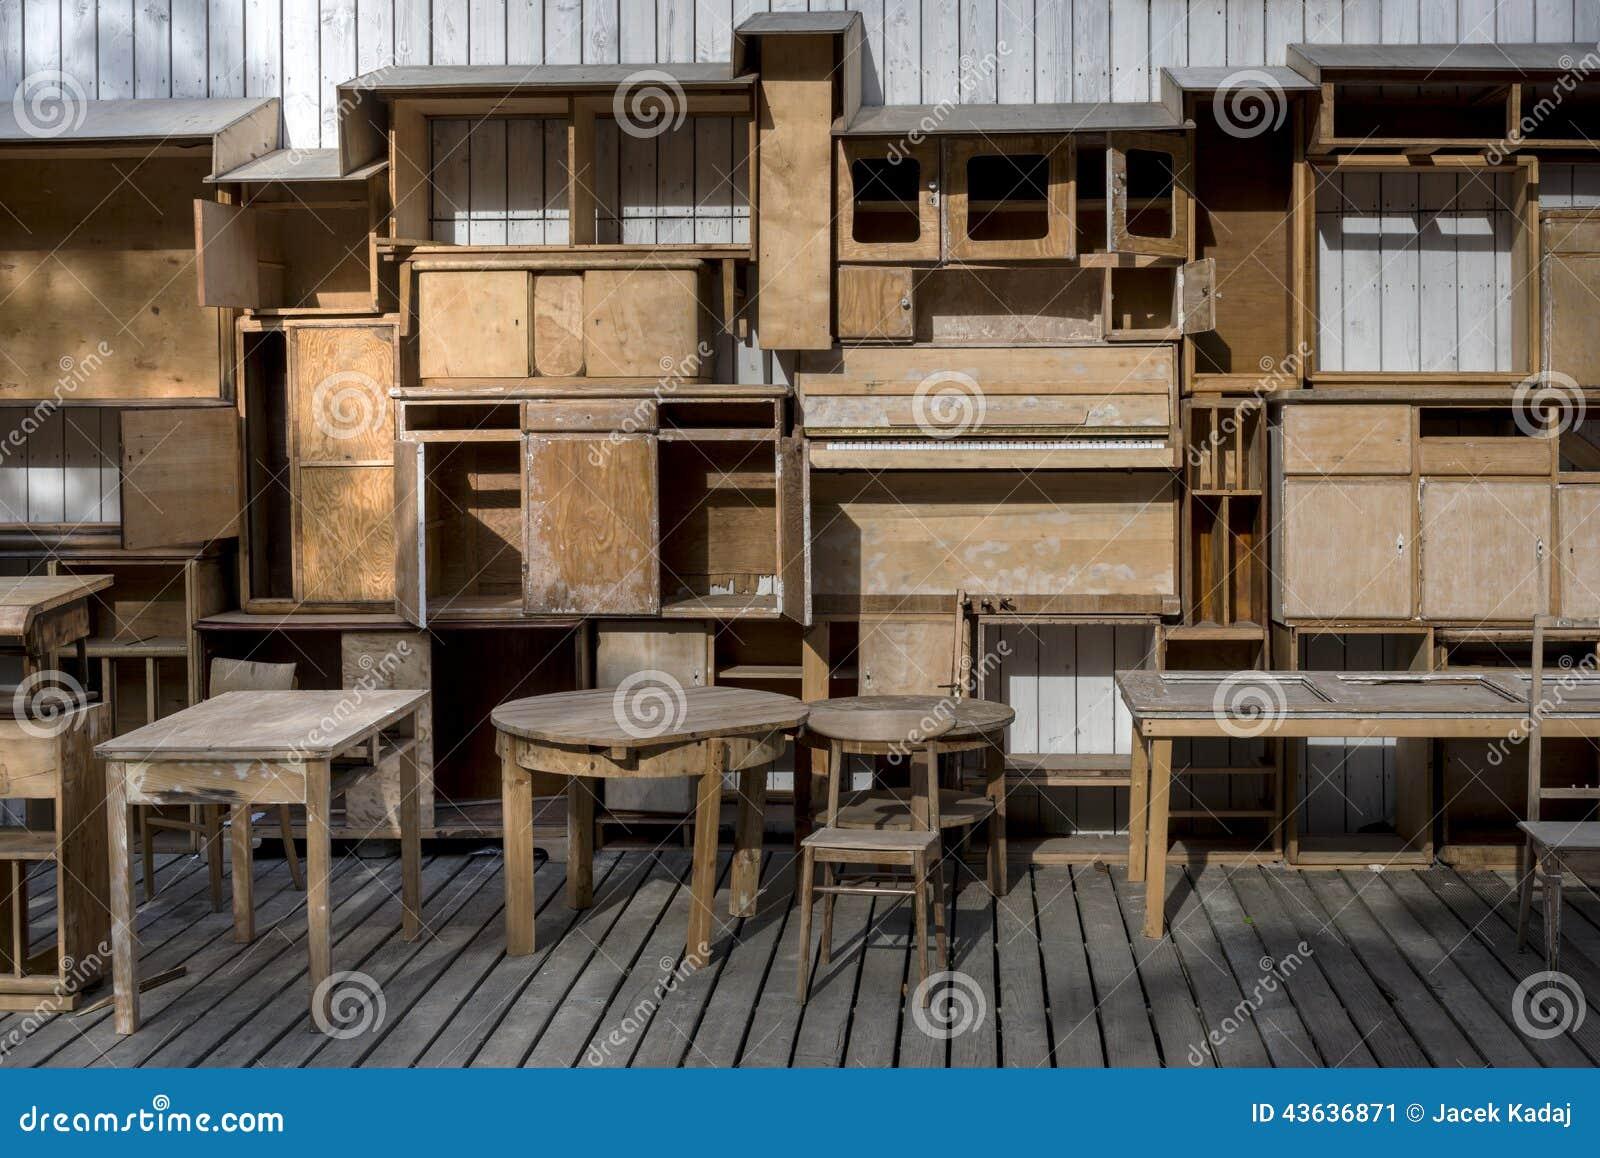 Muebles Viejos Gratis - Shelfs De Madera Vac Os Y Muebles Viejos Del Vintage Foto De [mjhdah]http://www.actualizarmiweb.com/sites/sectorconstruccion-com-ar/publico/image/mueblesusados.jpg